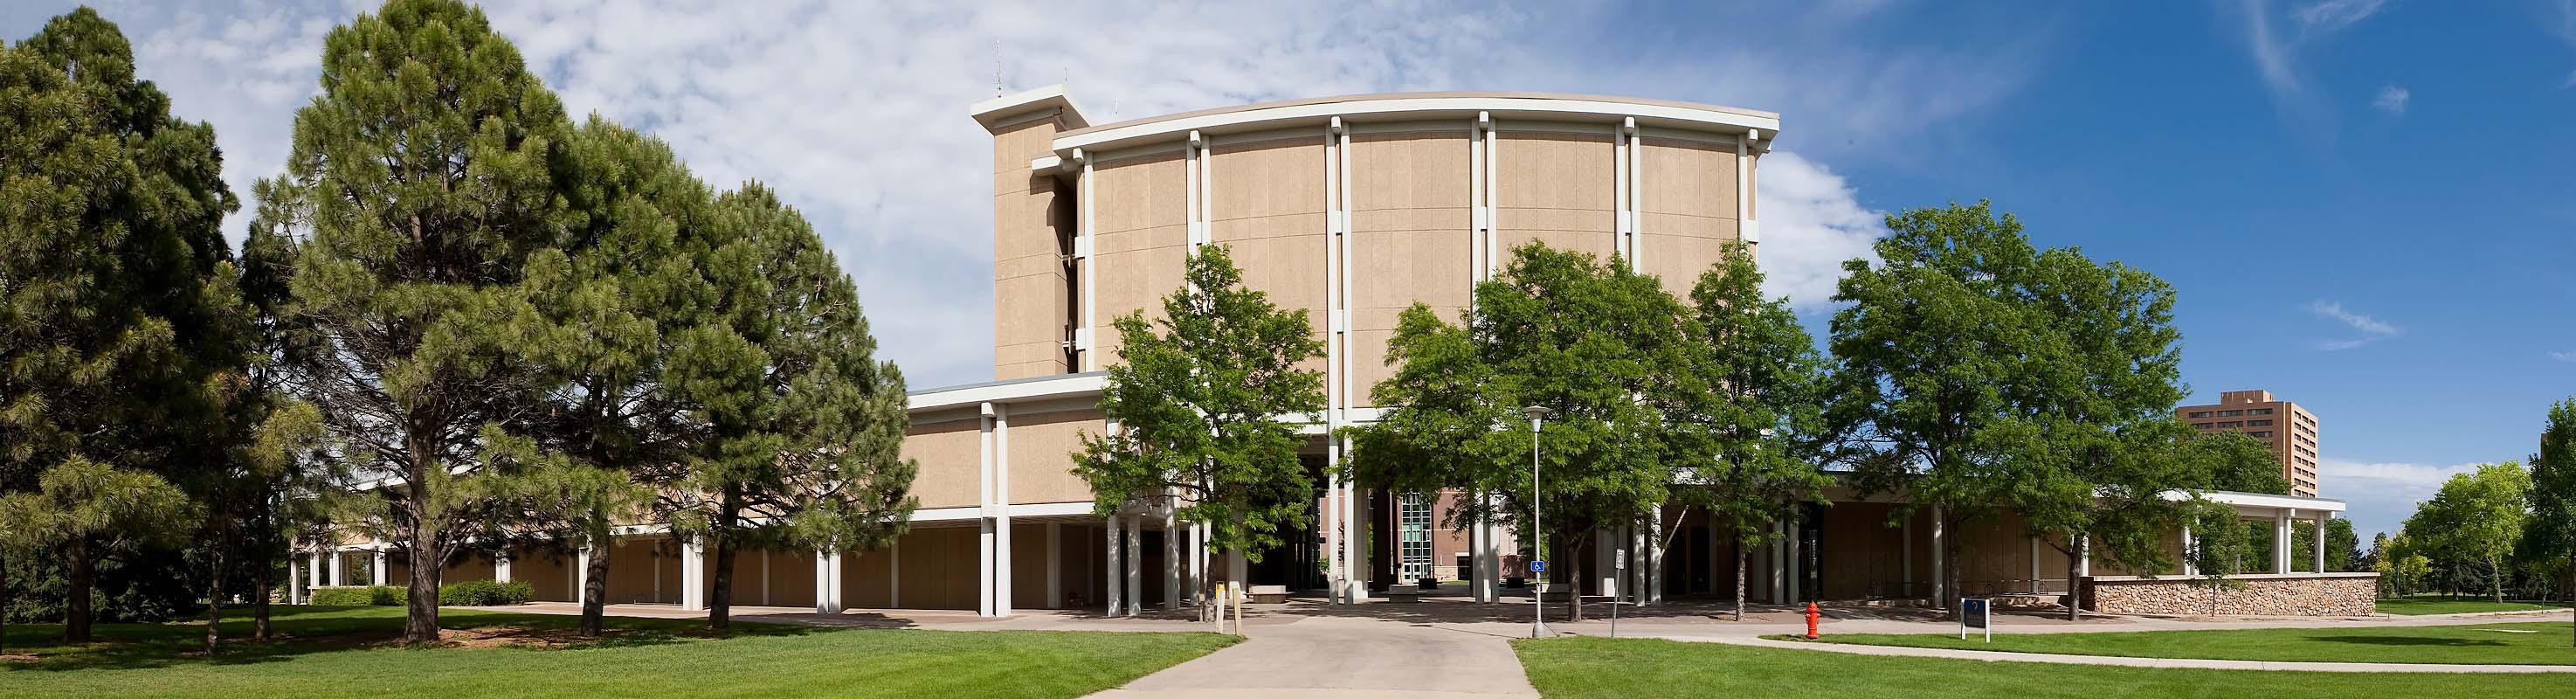 McKee Hall